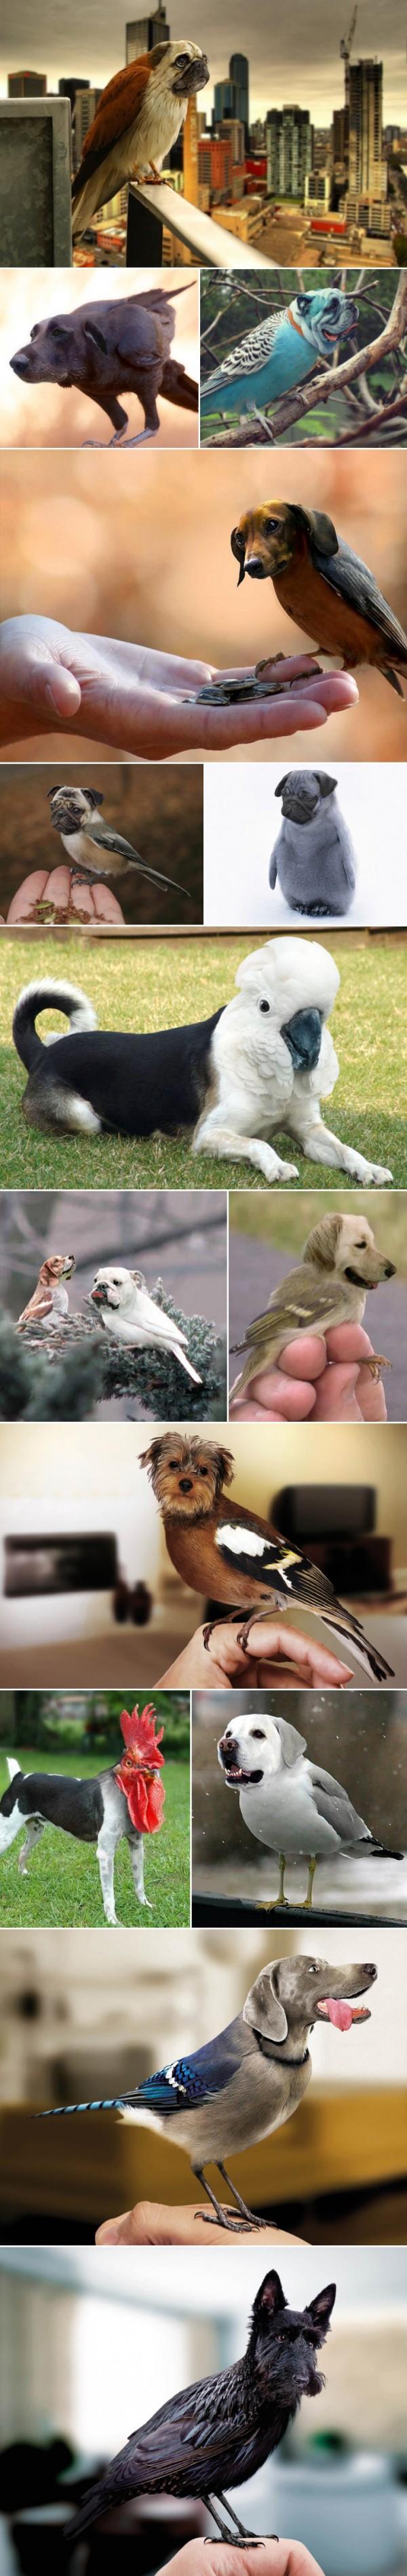 好像很說得過去的狗頭鳥1